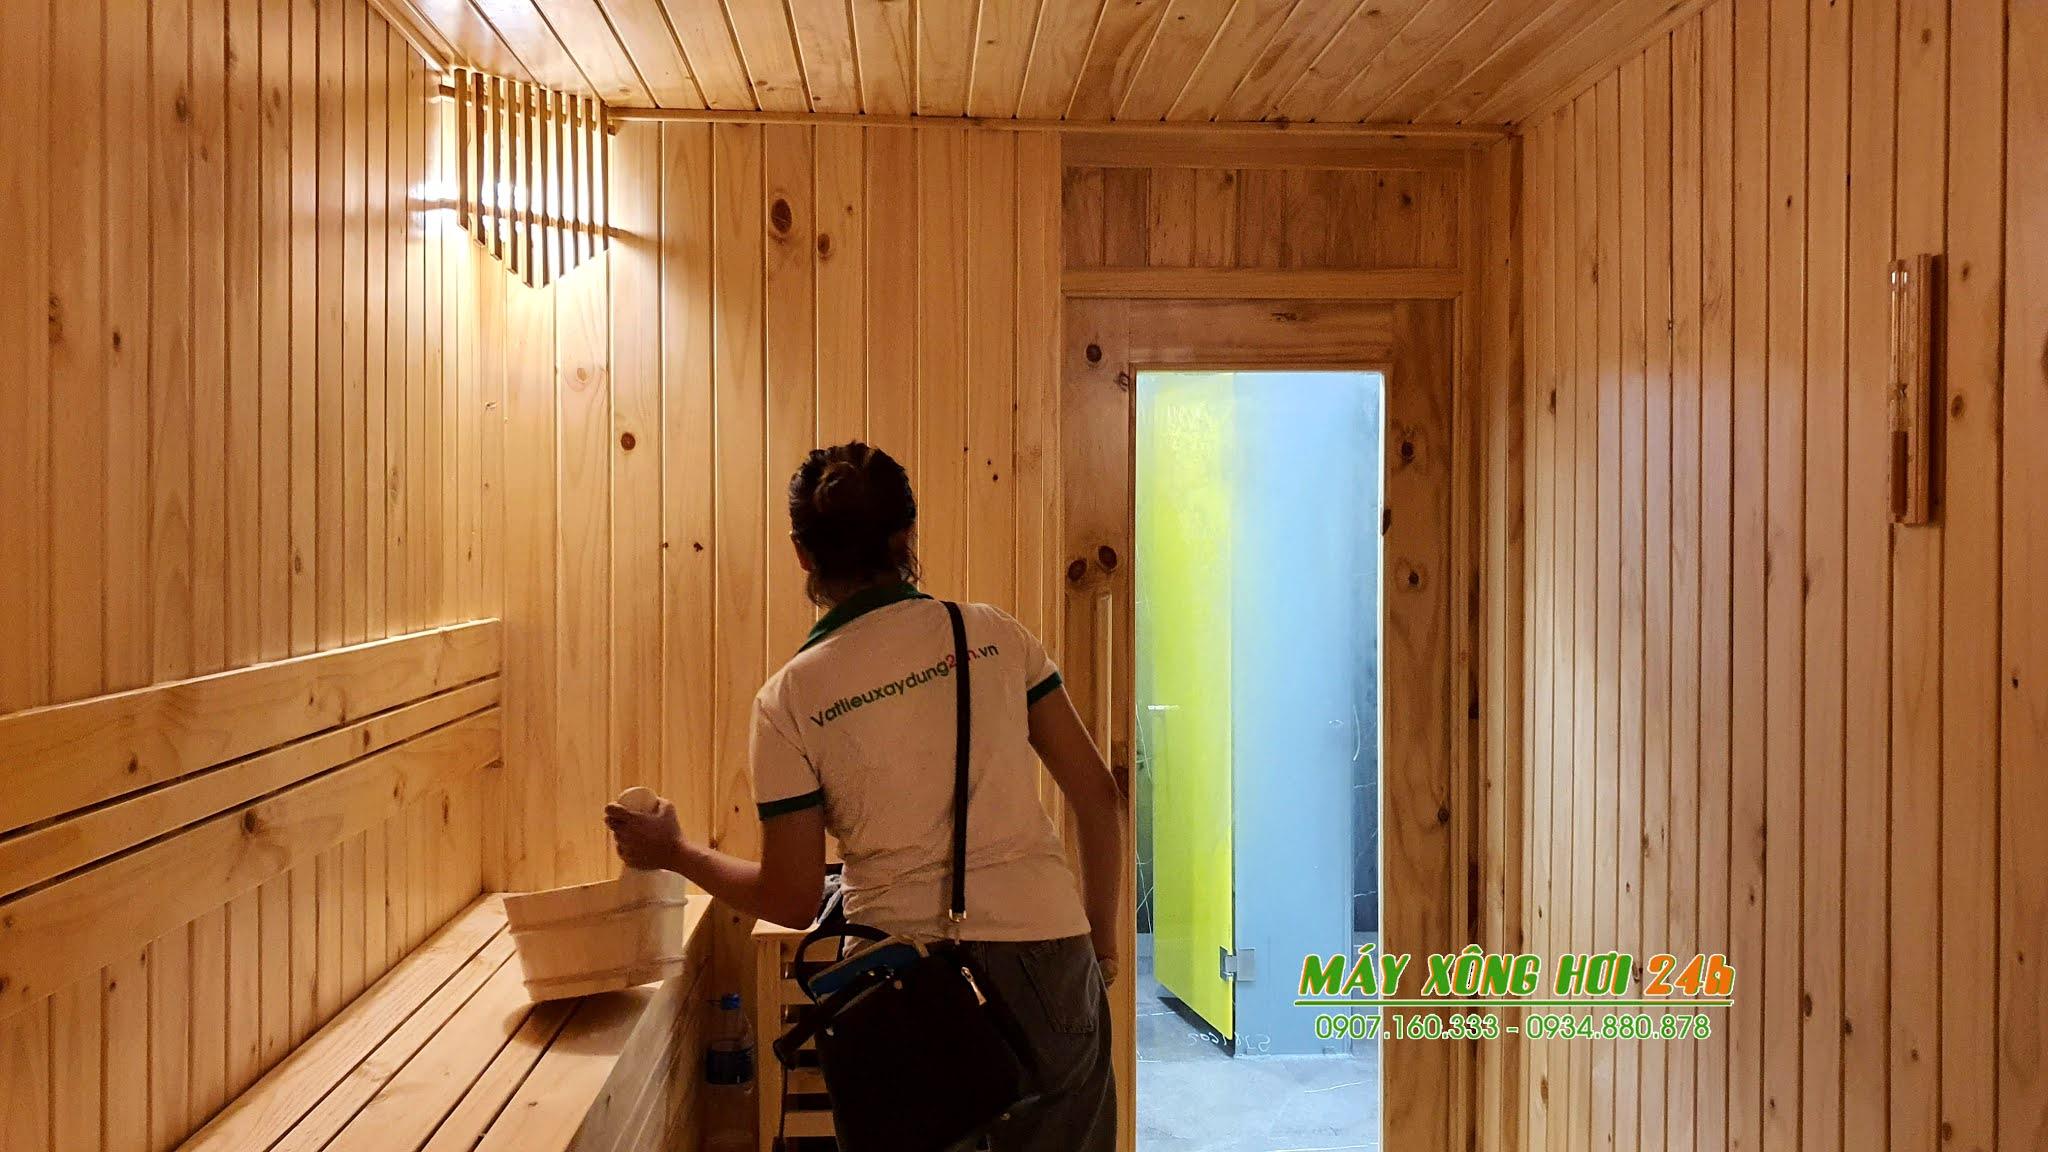 Thi công phòng xông hơi - Saunas Steam room